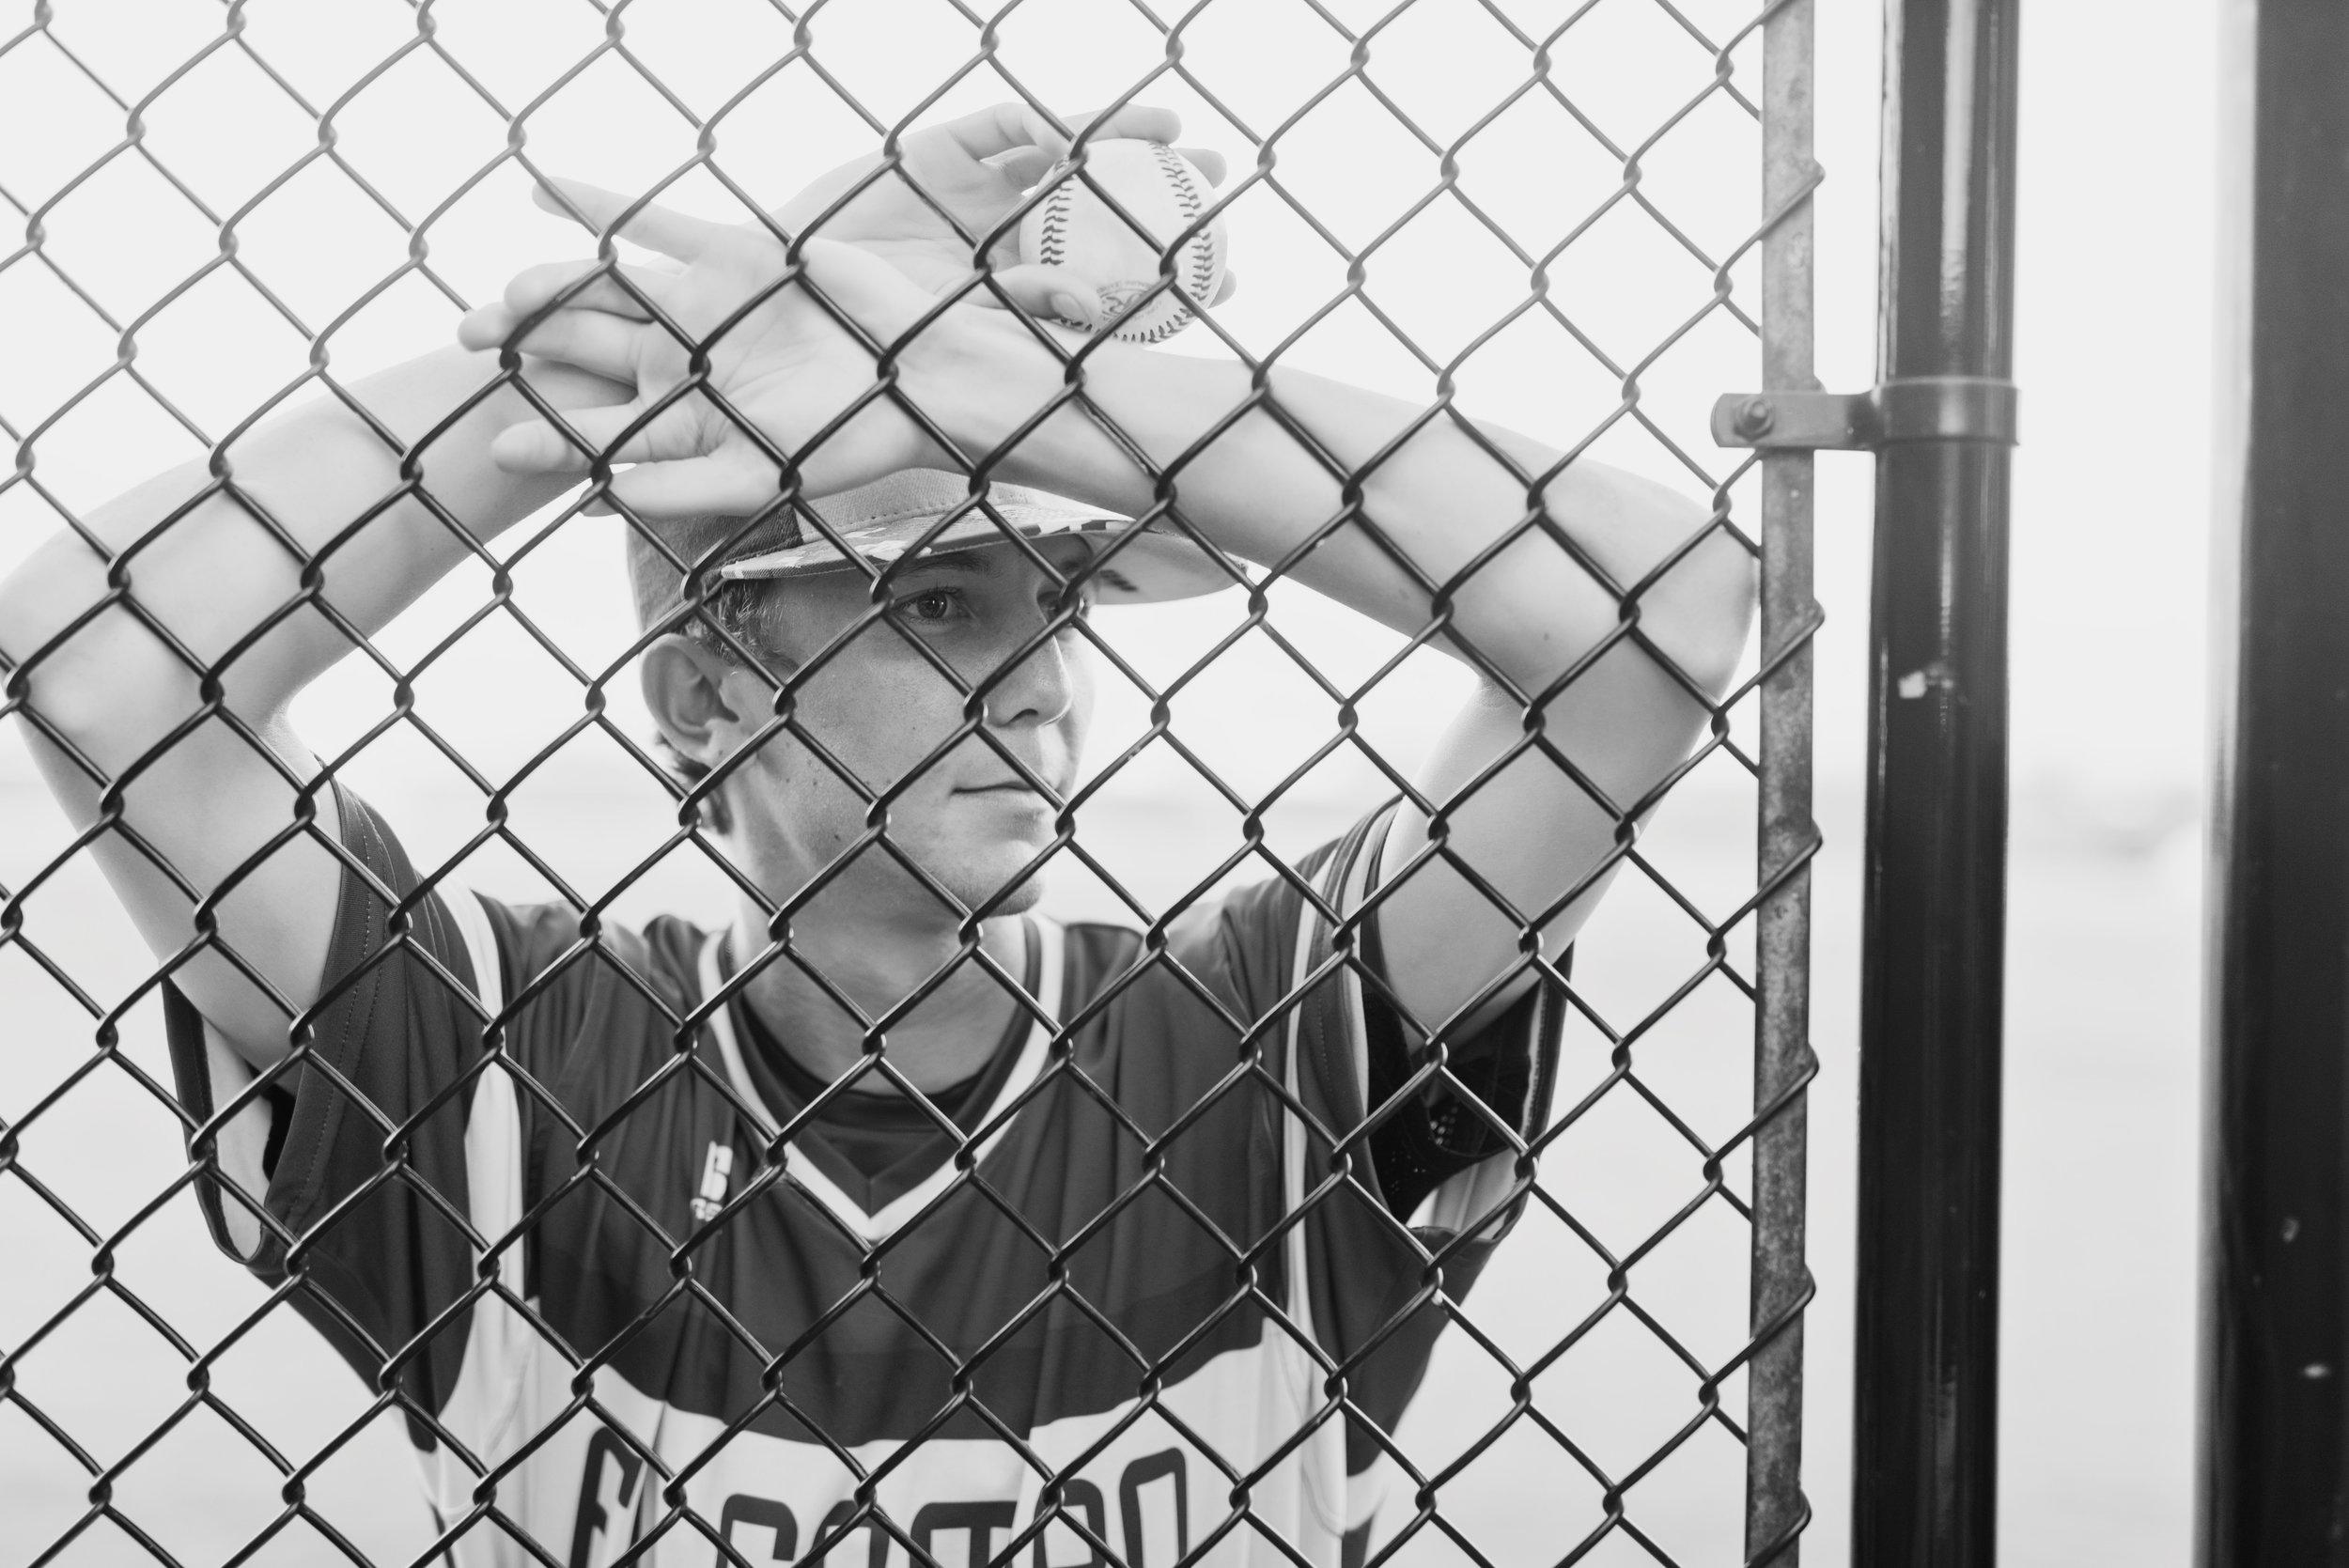 el campo ricebird senior baseball photos